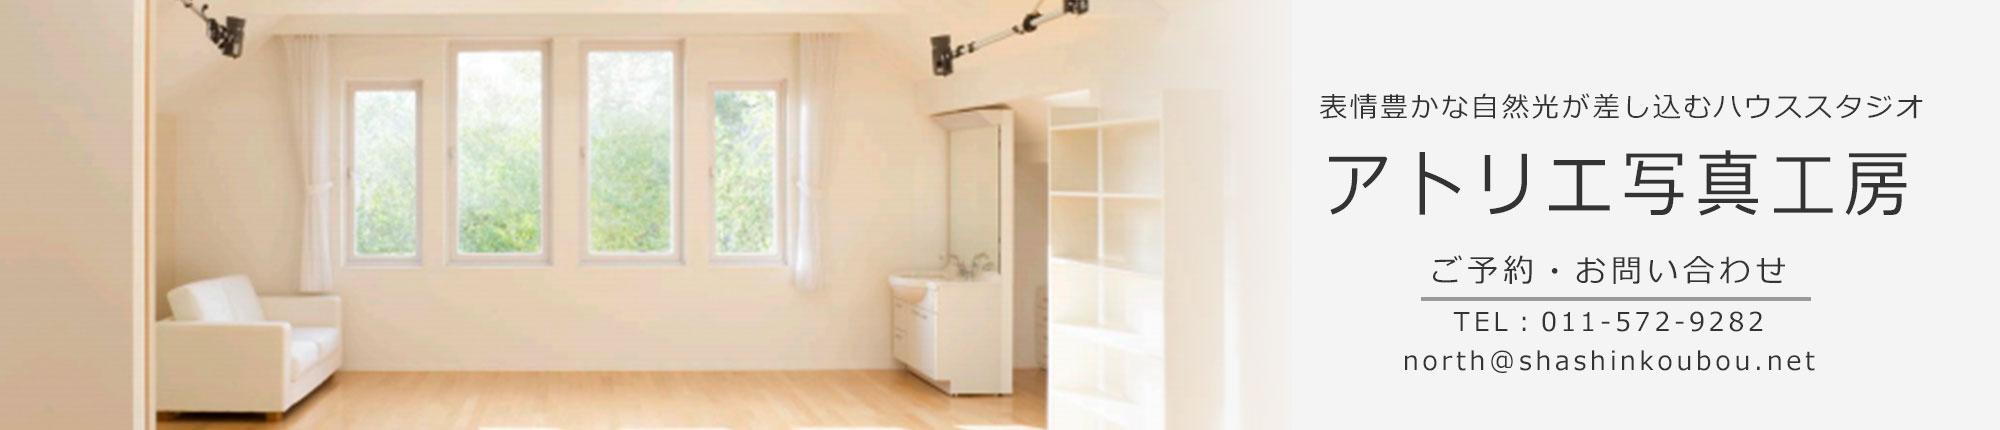 アトリエ写真工房 - 表情豊かな自然光が差し込むハウススタジオ